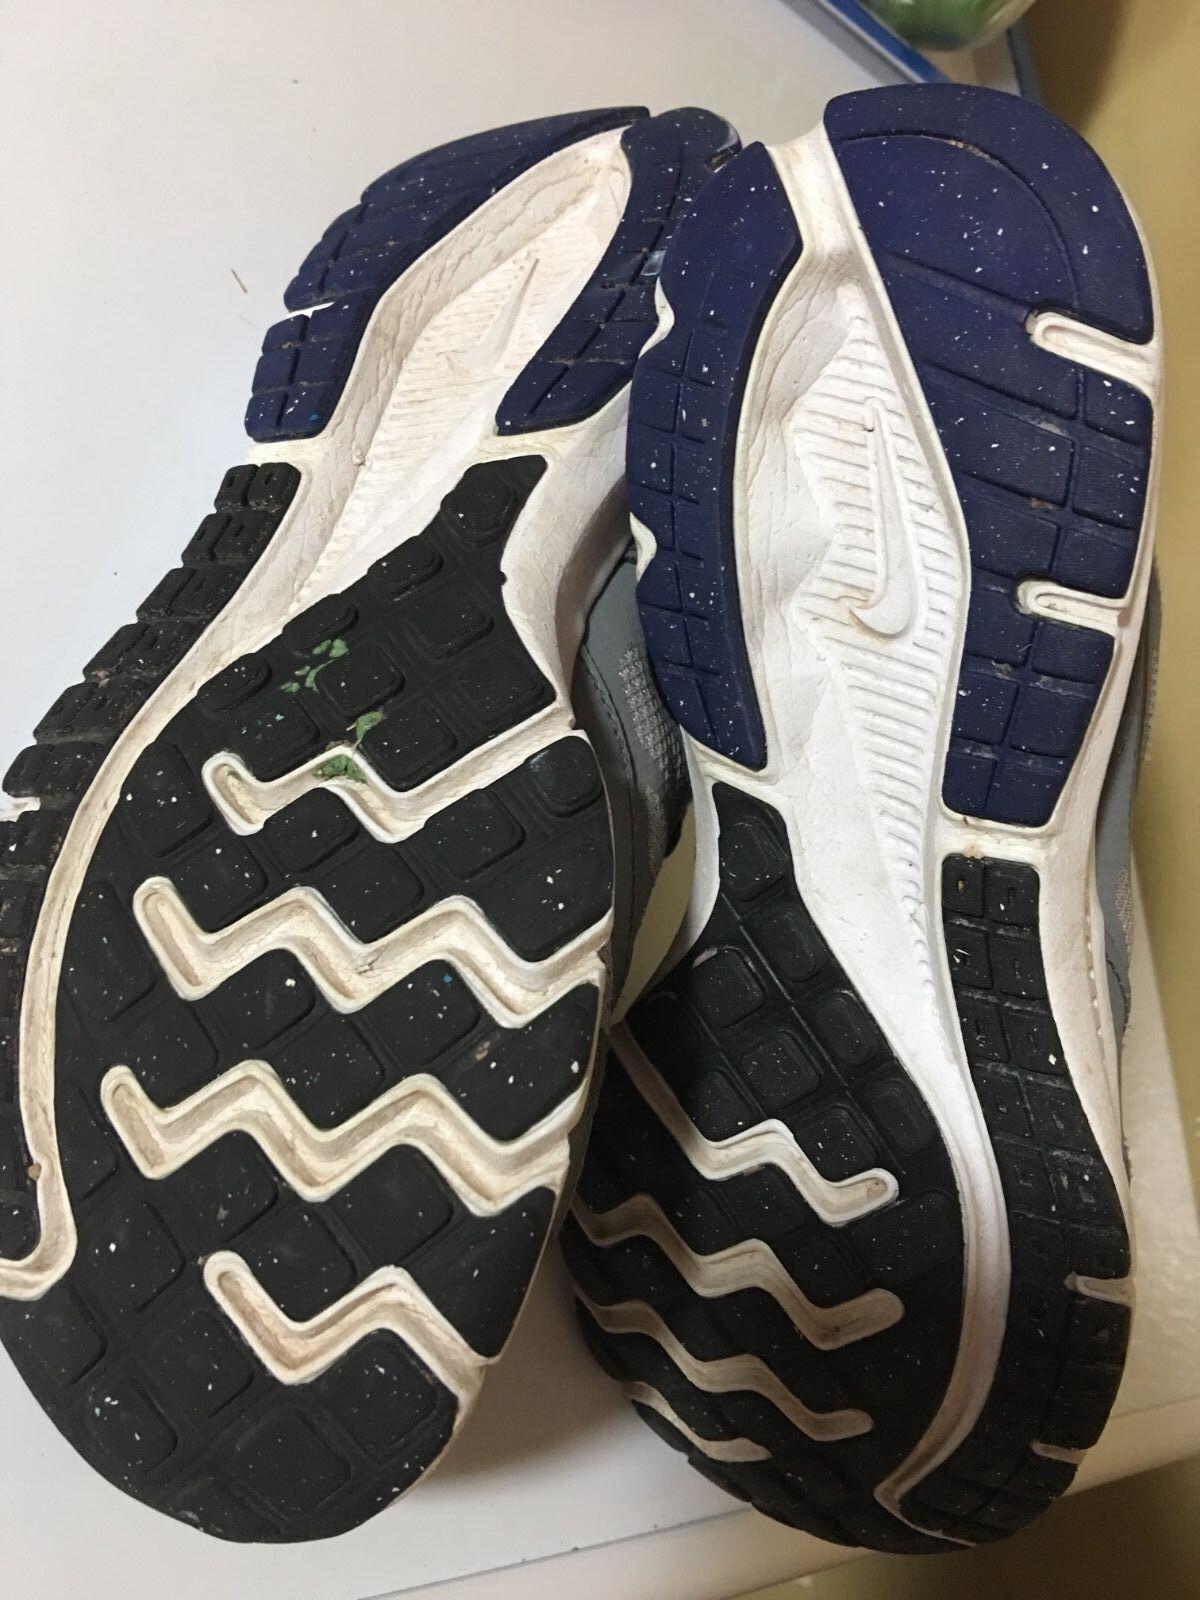 nike women's downshifter 6 scarpe taglia taglia taglia 6y | Prezzo economico  | Affidabile Reputazione  | Prima classe nella sua classe  | Sig/Sig Ra Scarpa  | Maschio/Ragazze Scarpa  | Sig/Sig Ra Scarpa  12604f